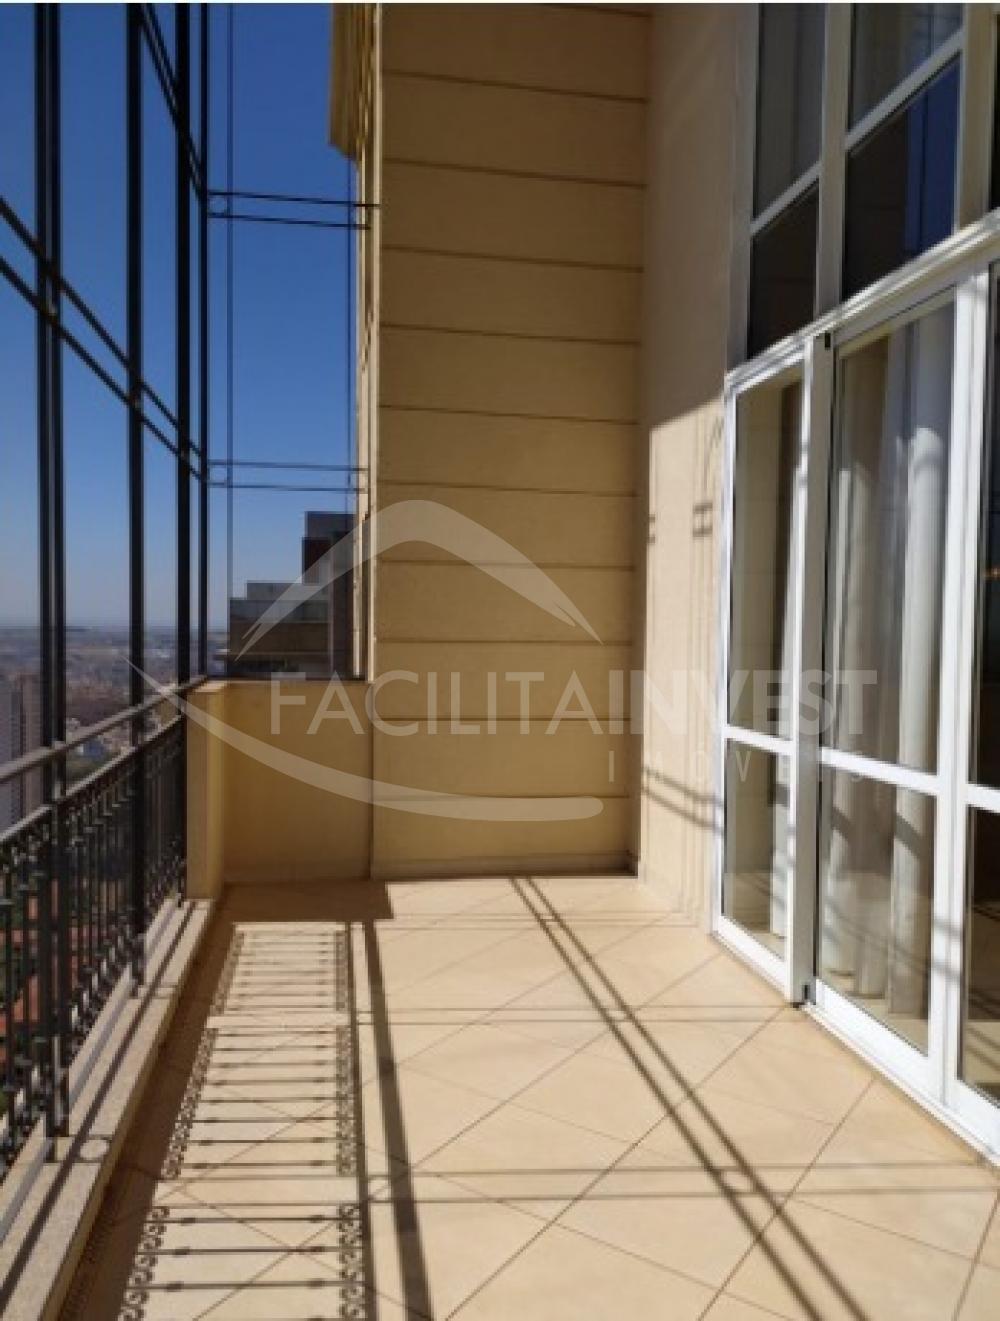 Comprar Apartamentos / Cobertura em Ribeirão Preto apenas R$ 1.850.000,00 - Foto 13